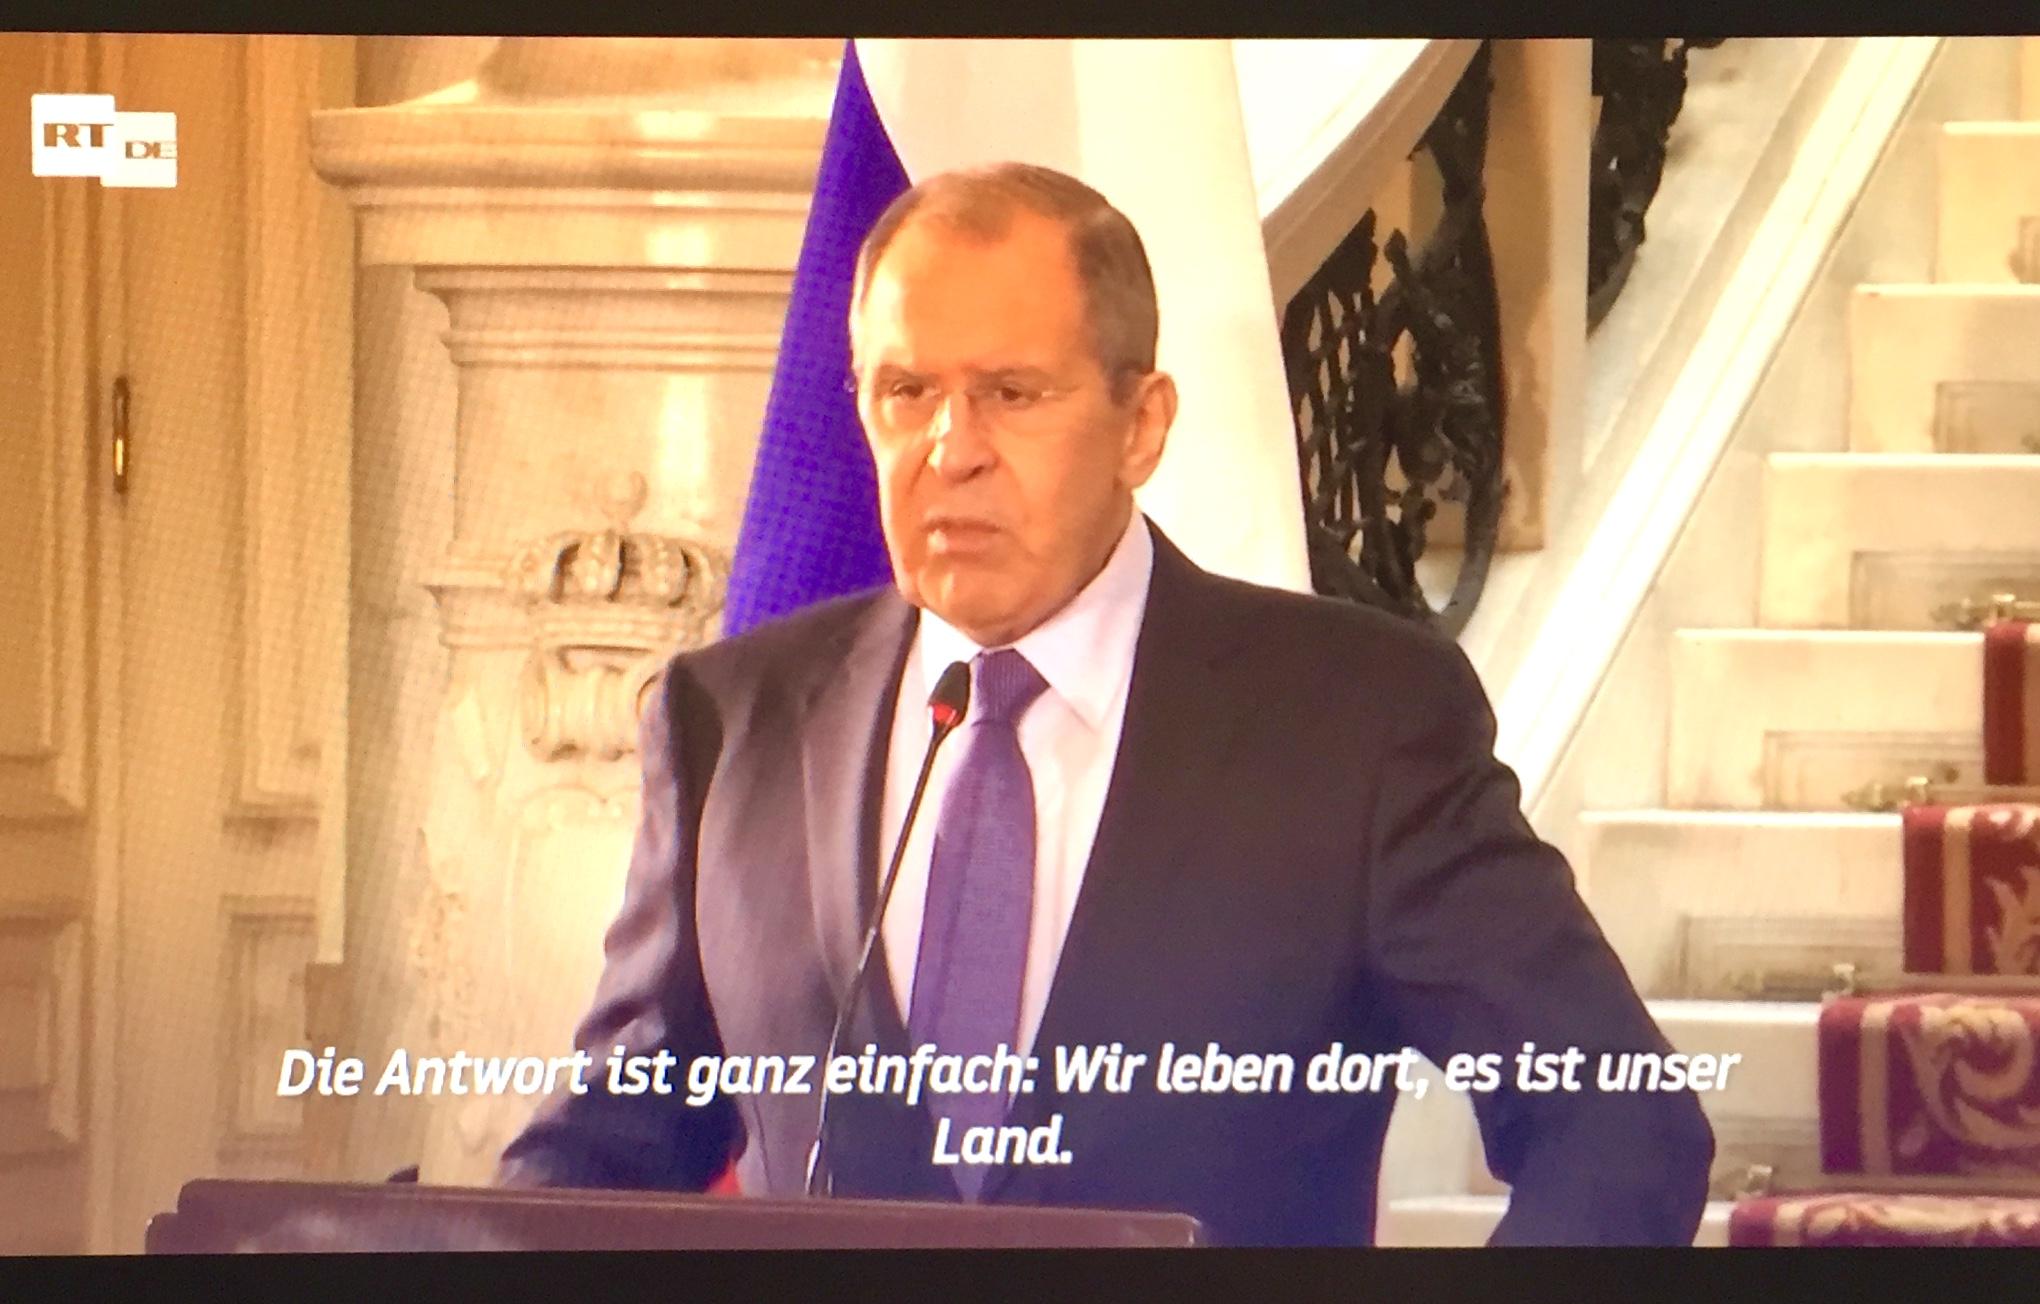 """""""Was die militärischen Aktivitäten der Vereinigten Staaten von Amerika einschließlich der Einsätze von Schiffen im Schwarzen Meer angeht, so geschieht dies regelmäßig. Jetzt wird das besonders selbstbewusst gemacht, begleitet von einer aggressiven Rhetorik"""", sagt der russische Außenminister Sergej Lawrow bei einer Pressekonferenz während seines Ägypten-Besuchs. """"Es wird gefragt, was macht die Russische Föderation an der Grenze zur Ukraine? Die Antwort ist ganz einfach: Wir leben dort, es ist unser Land. Aber die Frage, was die Vereinigten Staaten dort mit ihren Schiffen und Truppen machen, die unaufhörlich alle möglichen NATO-Aktivitäten in der Ukraine organisieren, Tausende von Kilometern von ihrem eigenen Territorium entfernt, bleibt unbeantwortet.""""  Von Verena Daum (www.progression.at, www.garden-eden.org)"""